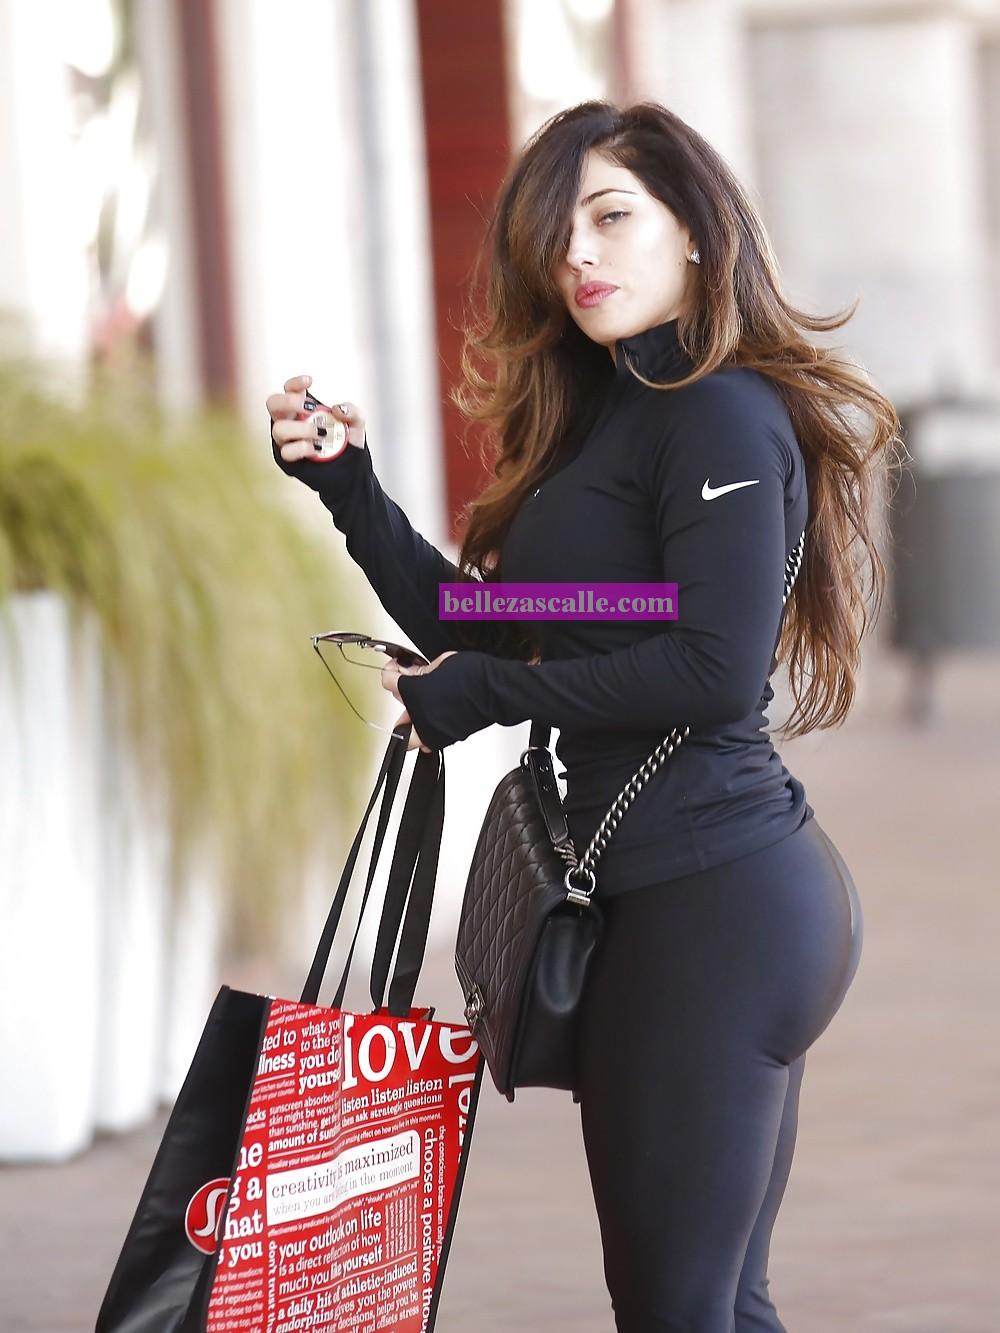 Culona de leggins negros en fila pagando claro - 1 part 1